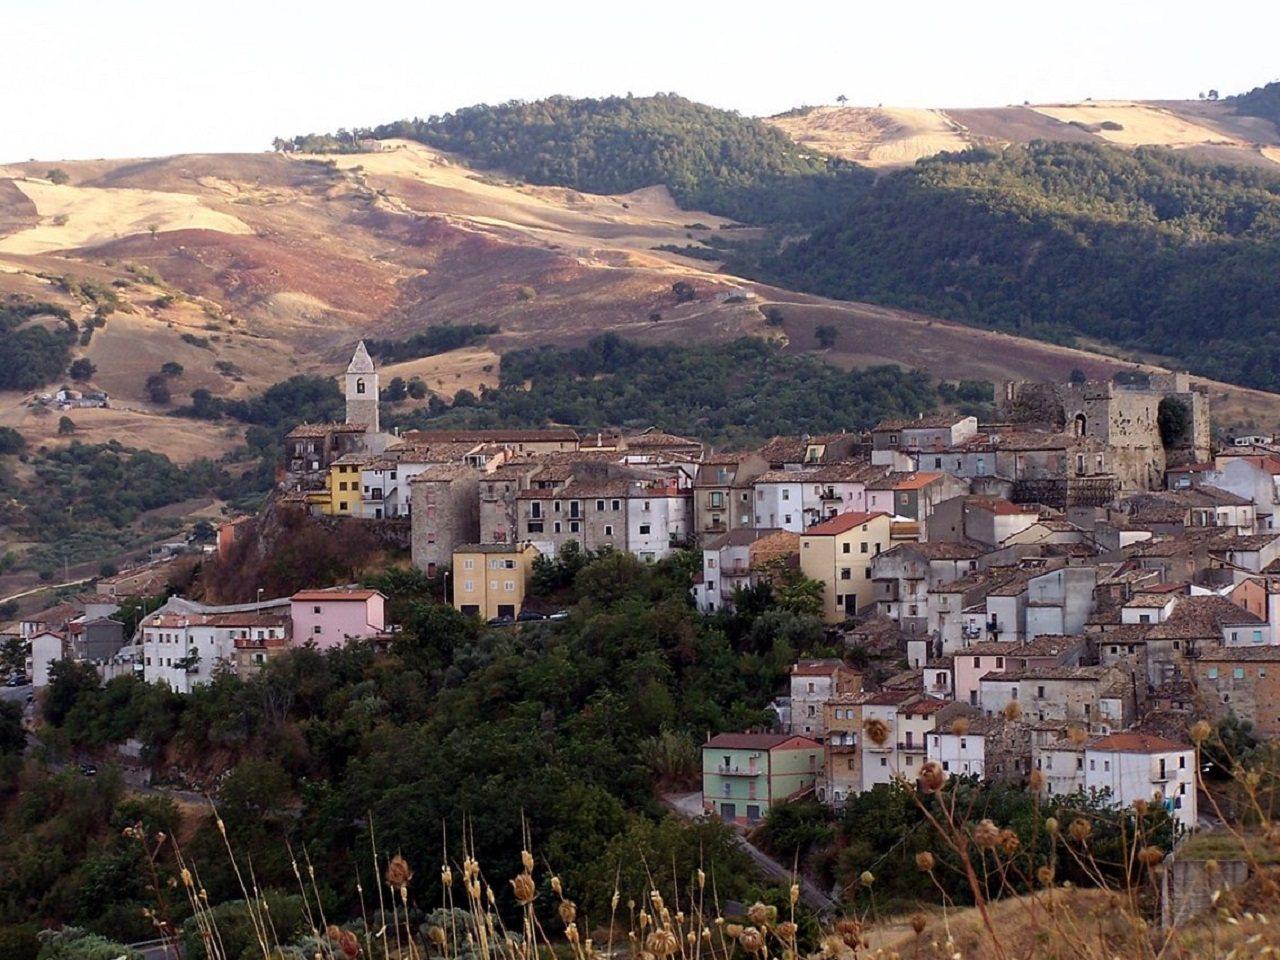 義大利莫利塞大區政府為阻止人口日漸稀少、社區逐步走向衰亡,宣布只要搬進106個人...